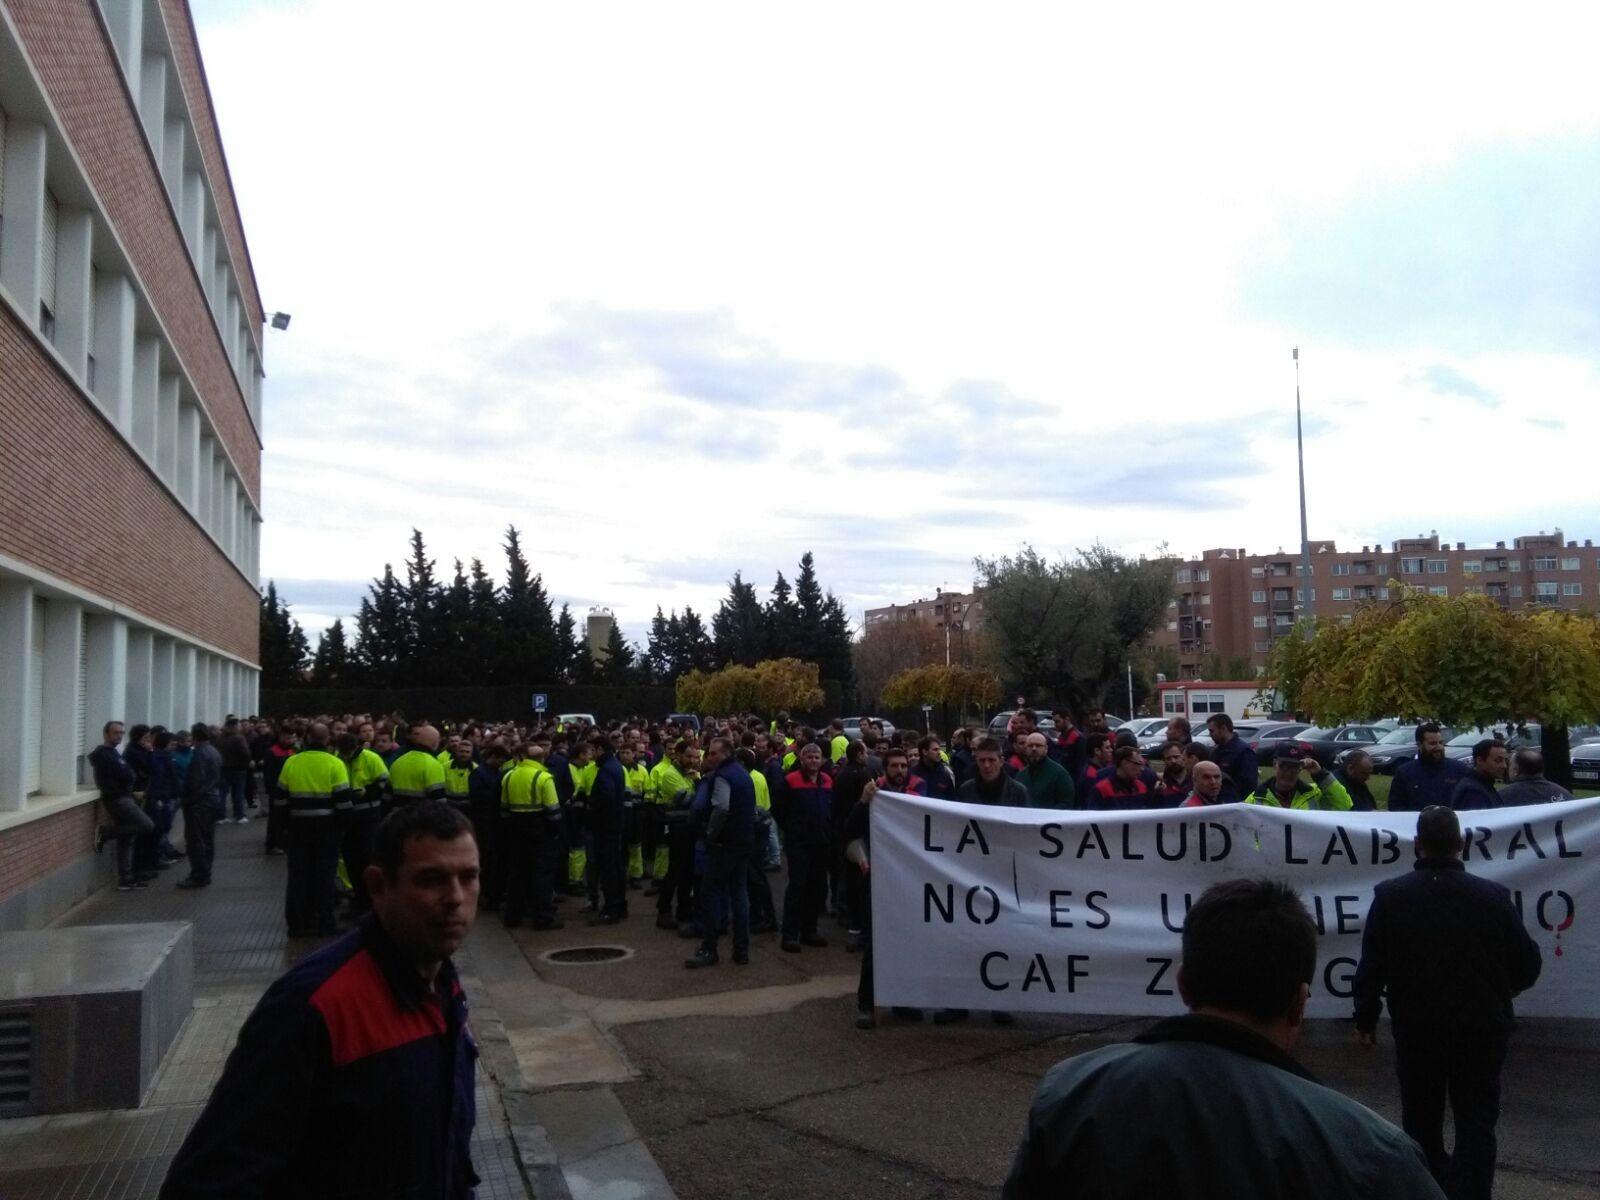 Movilizaciones en CAF Zaragoza porque, ¡¡la salud Laboral no es un negocio!!